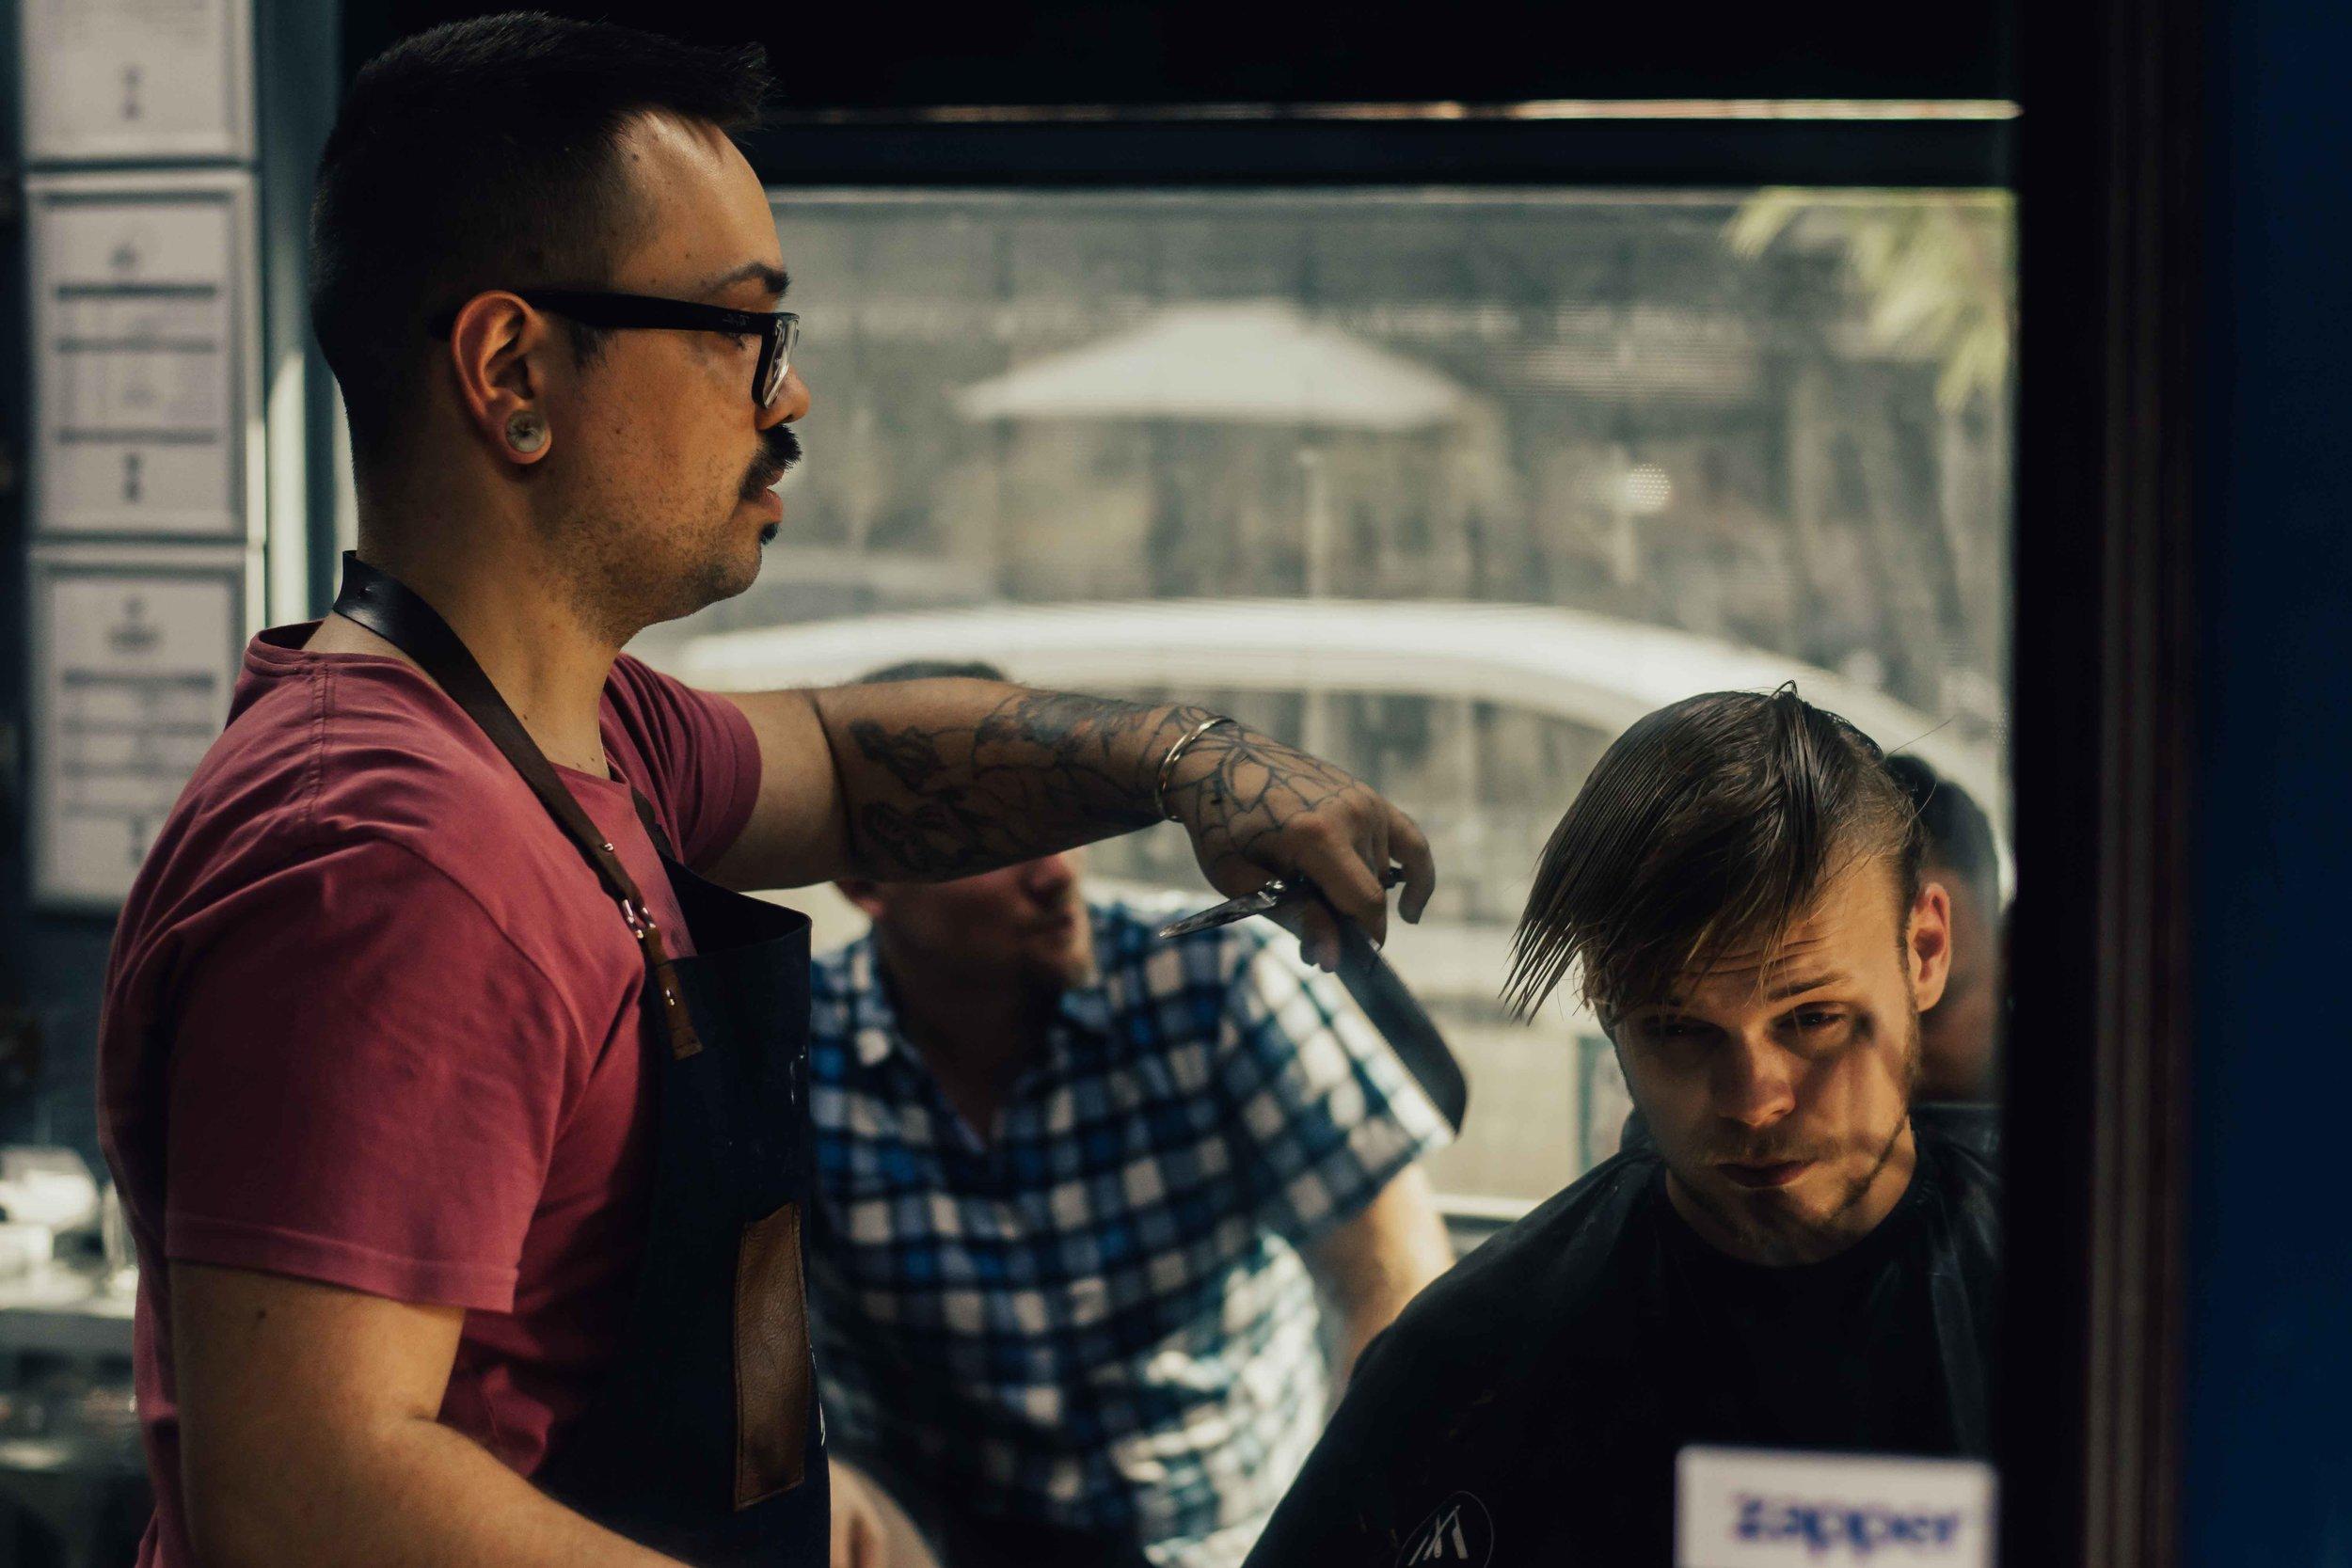 Barber-223.jpg